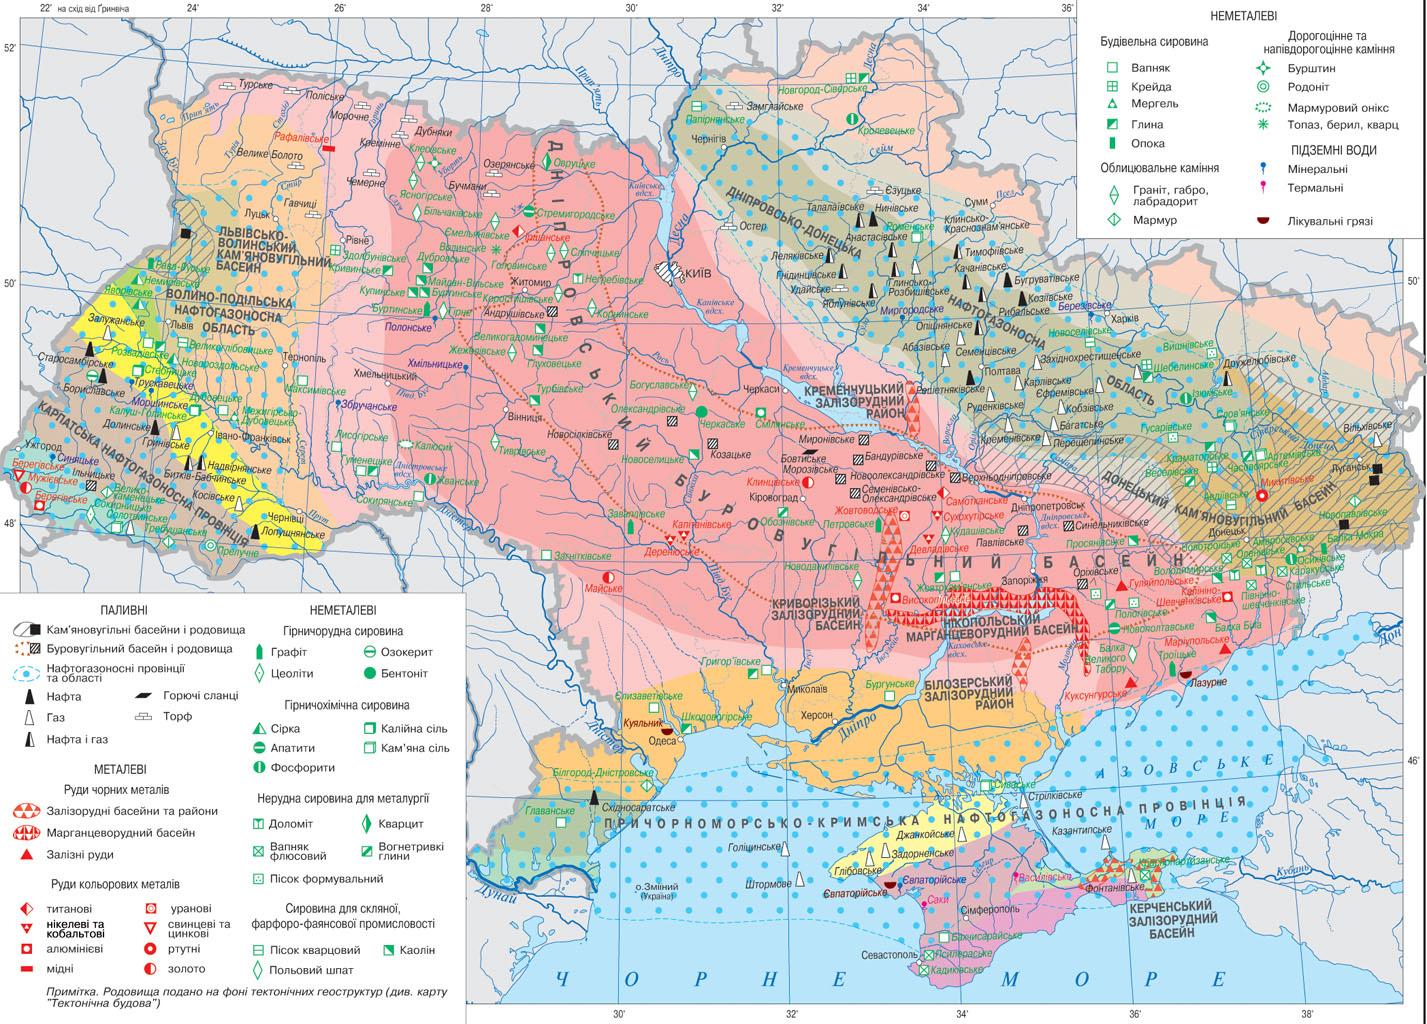 сравнению обычным рівненська геологія карти корисних копалин Brubeck представлено двумя